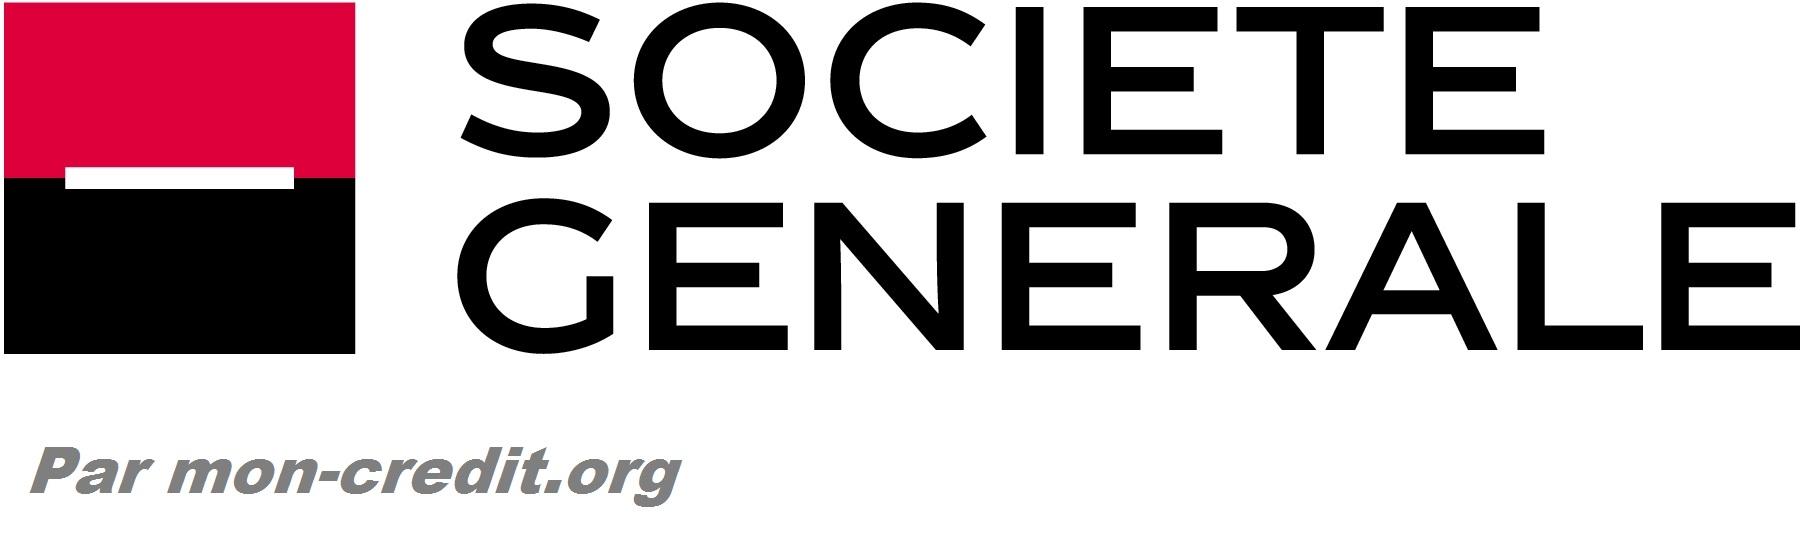 rachat crédit société generale